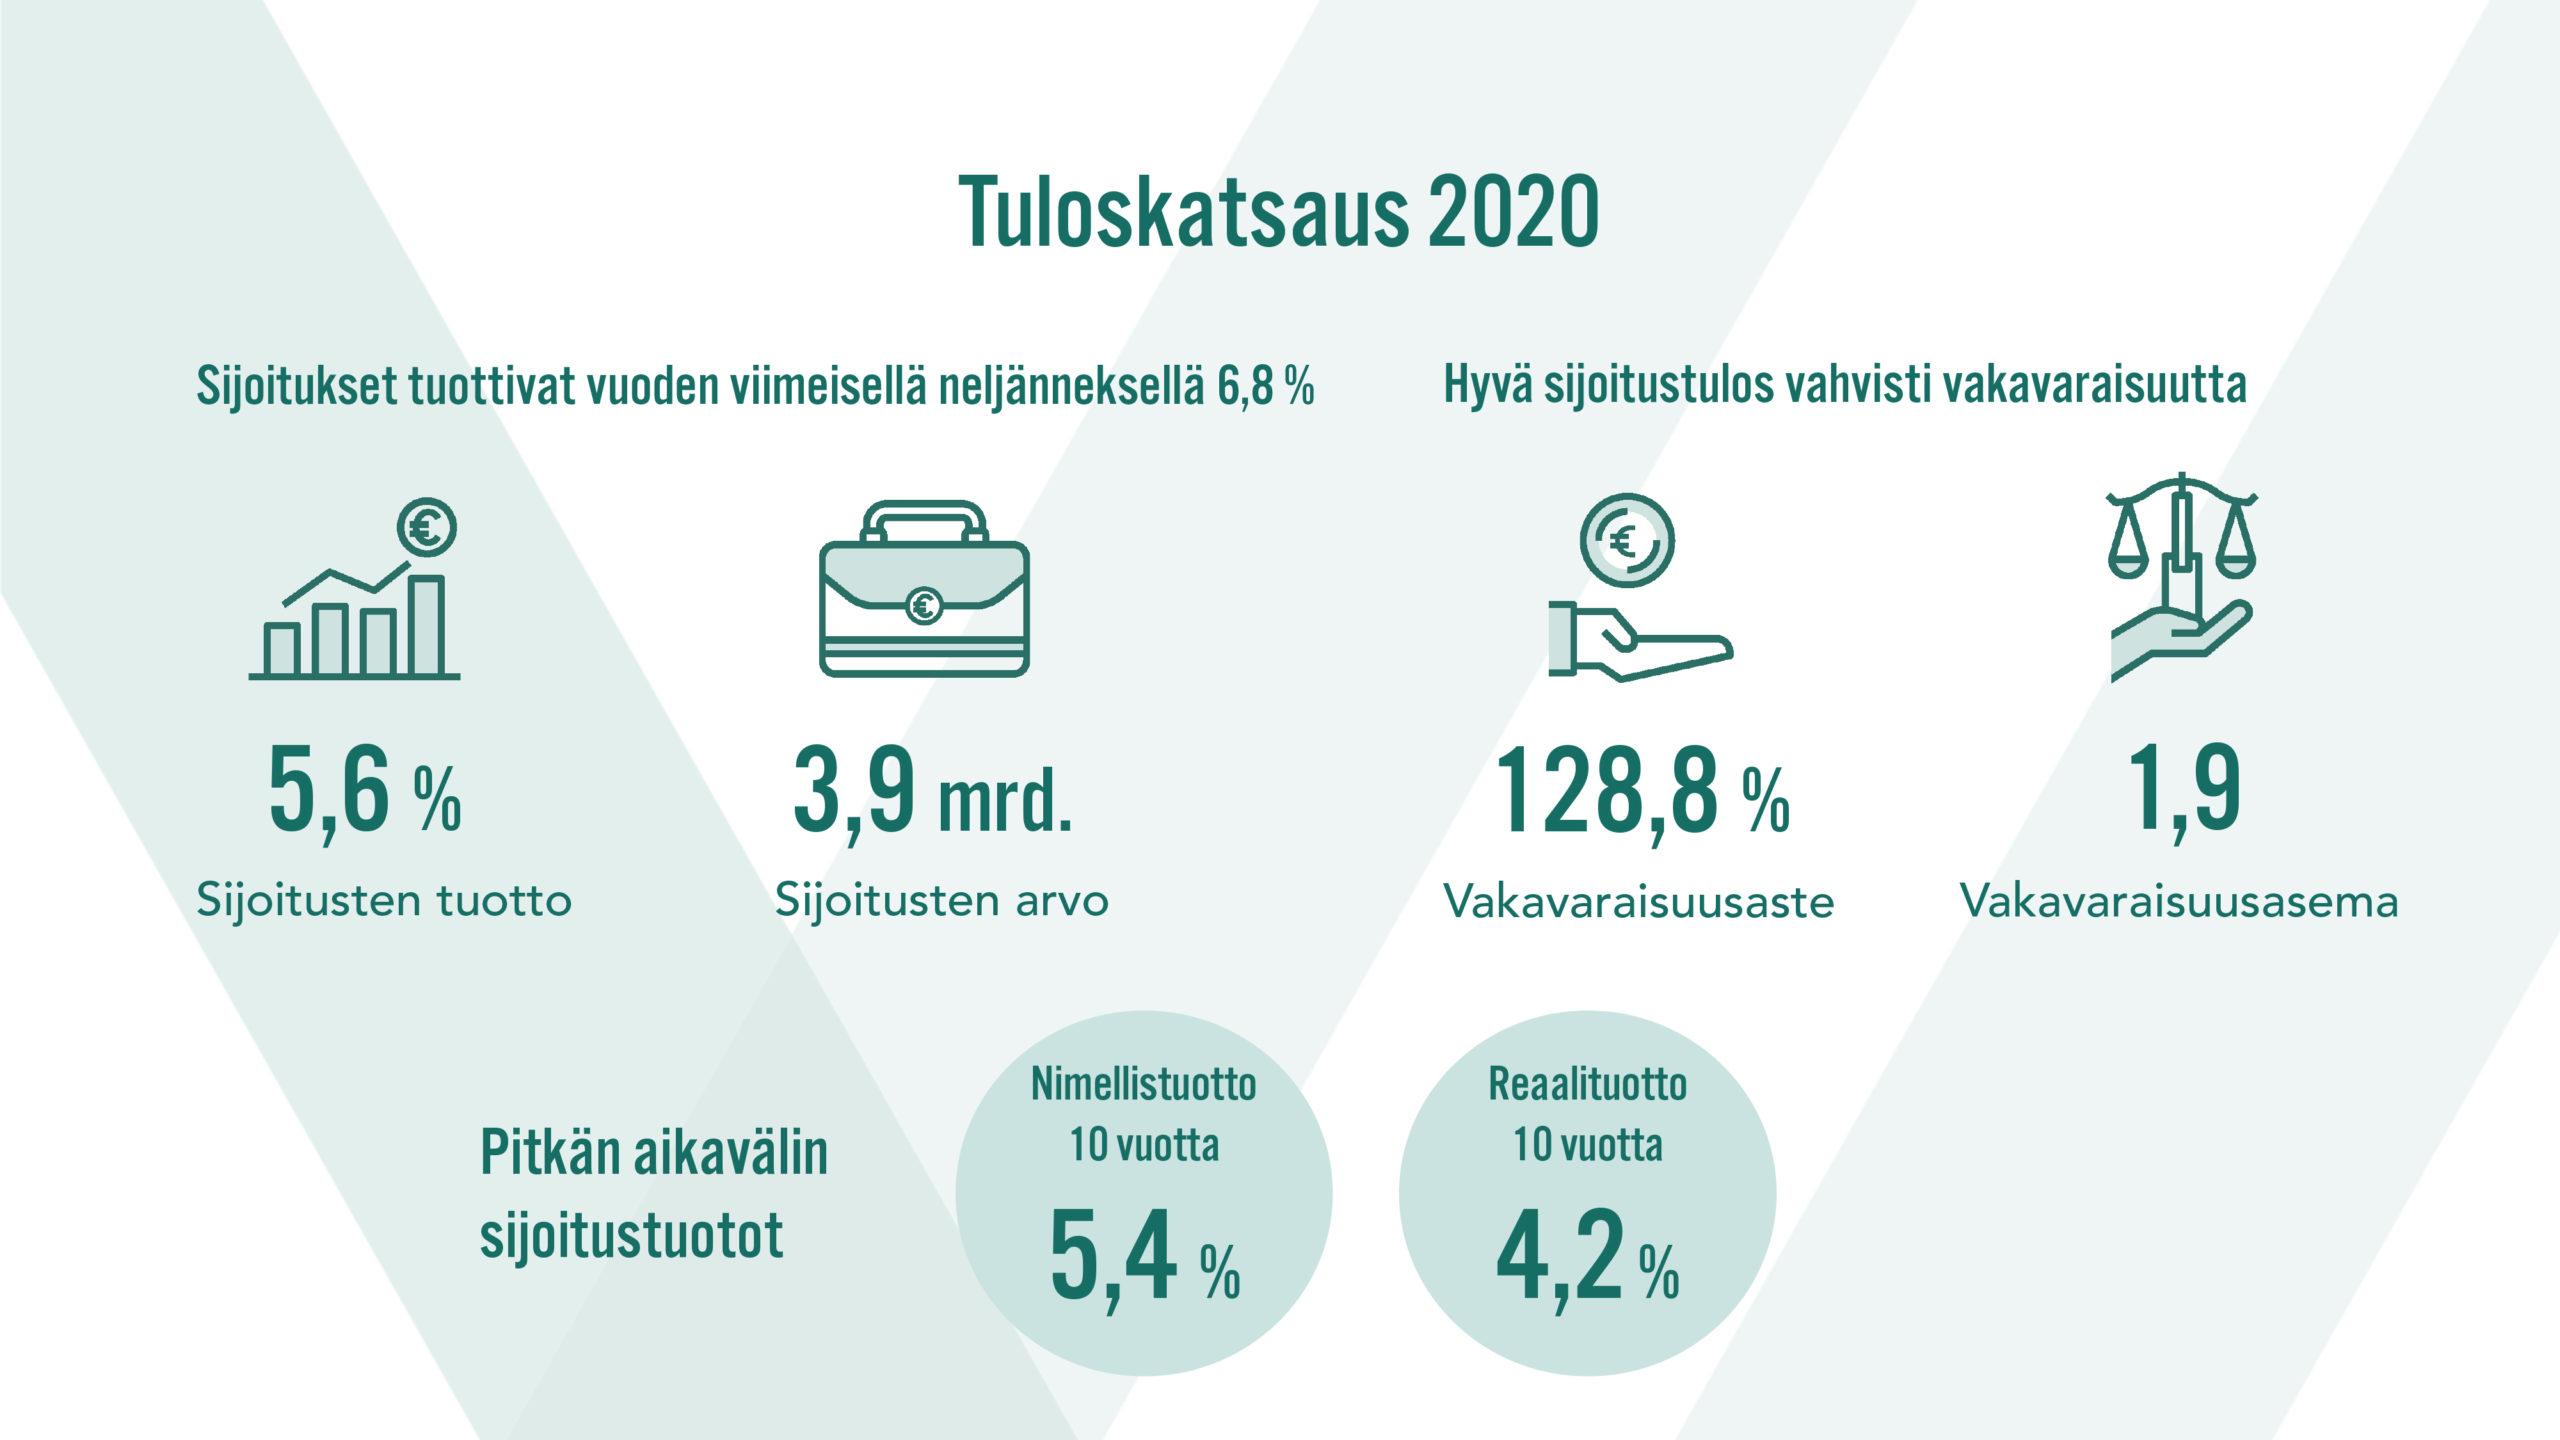 Tuloskatsaus 2020